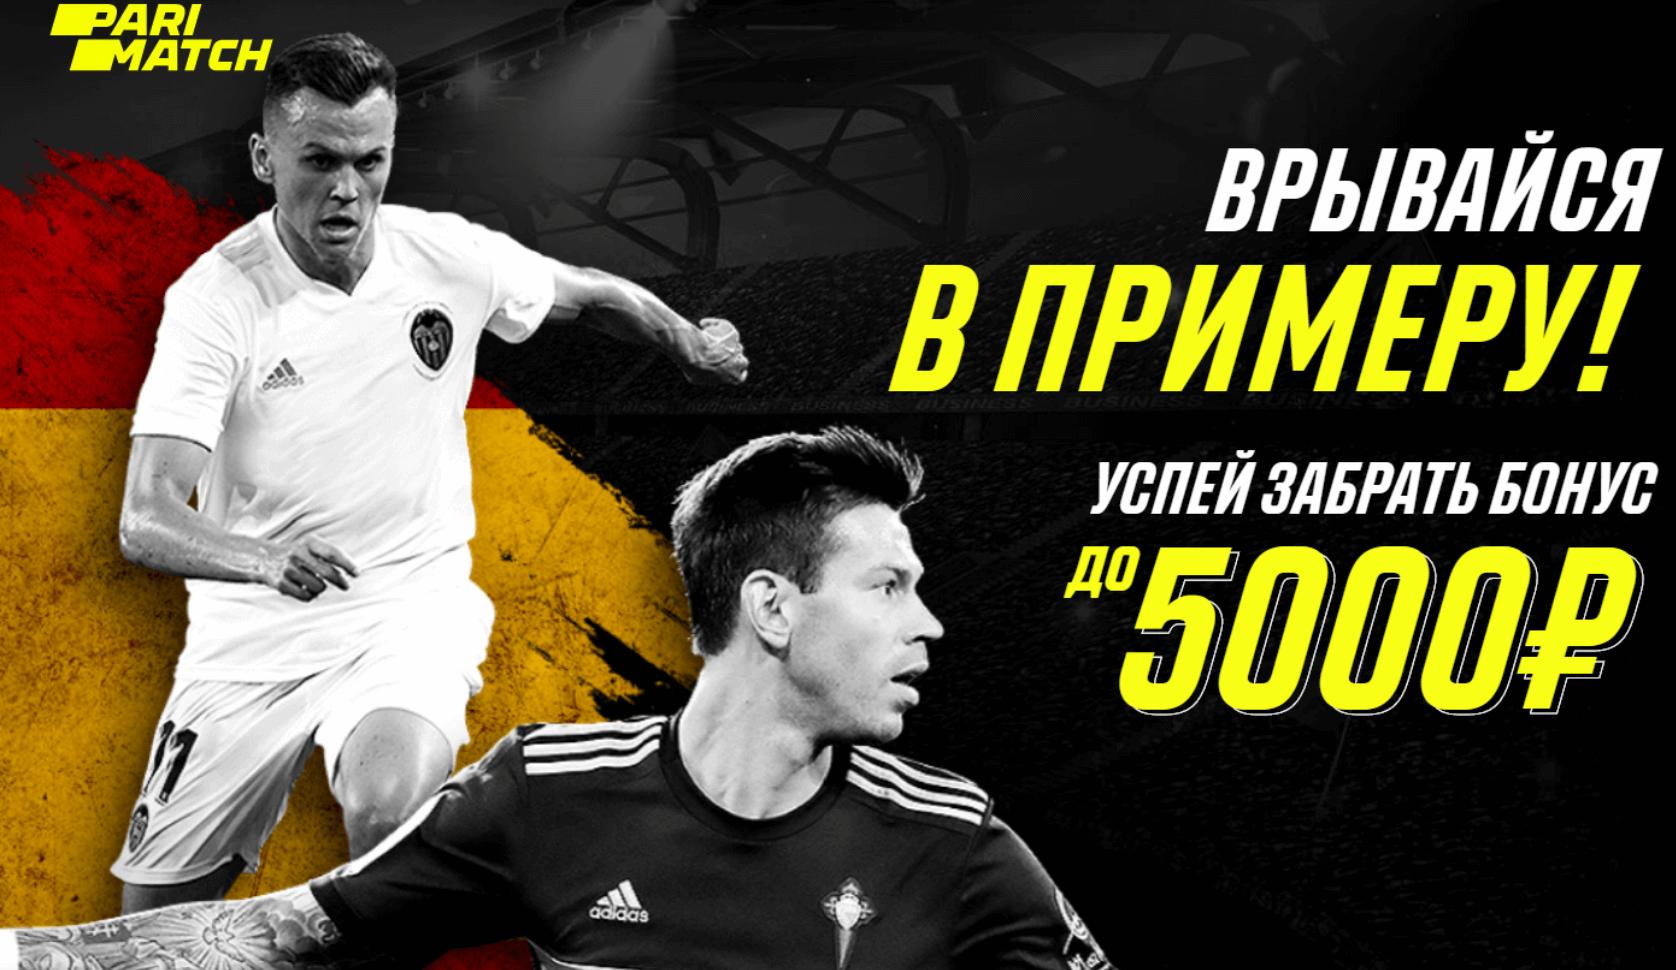 Бонус 5000 рублей от Пари Матч